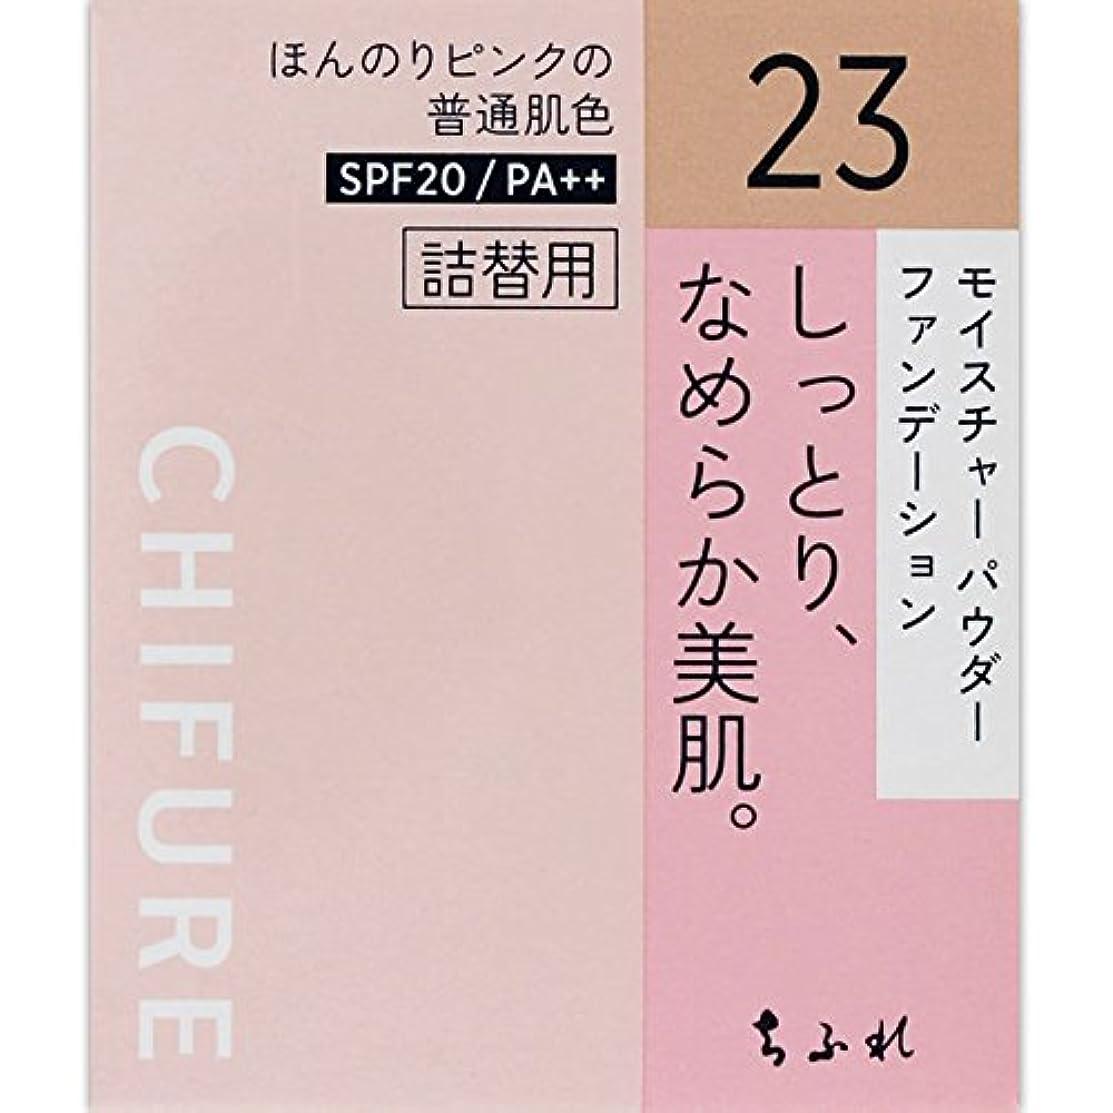 爆弾あえて靴下ちふれ化粧品 モイスチャー パウダーファンデーション 詰替用 ピンクオークル系 MパウダーFD詰替用23